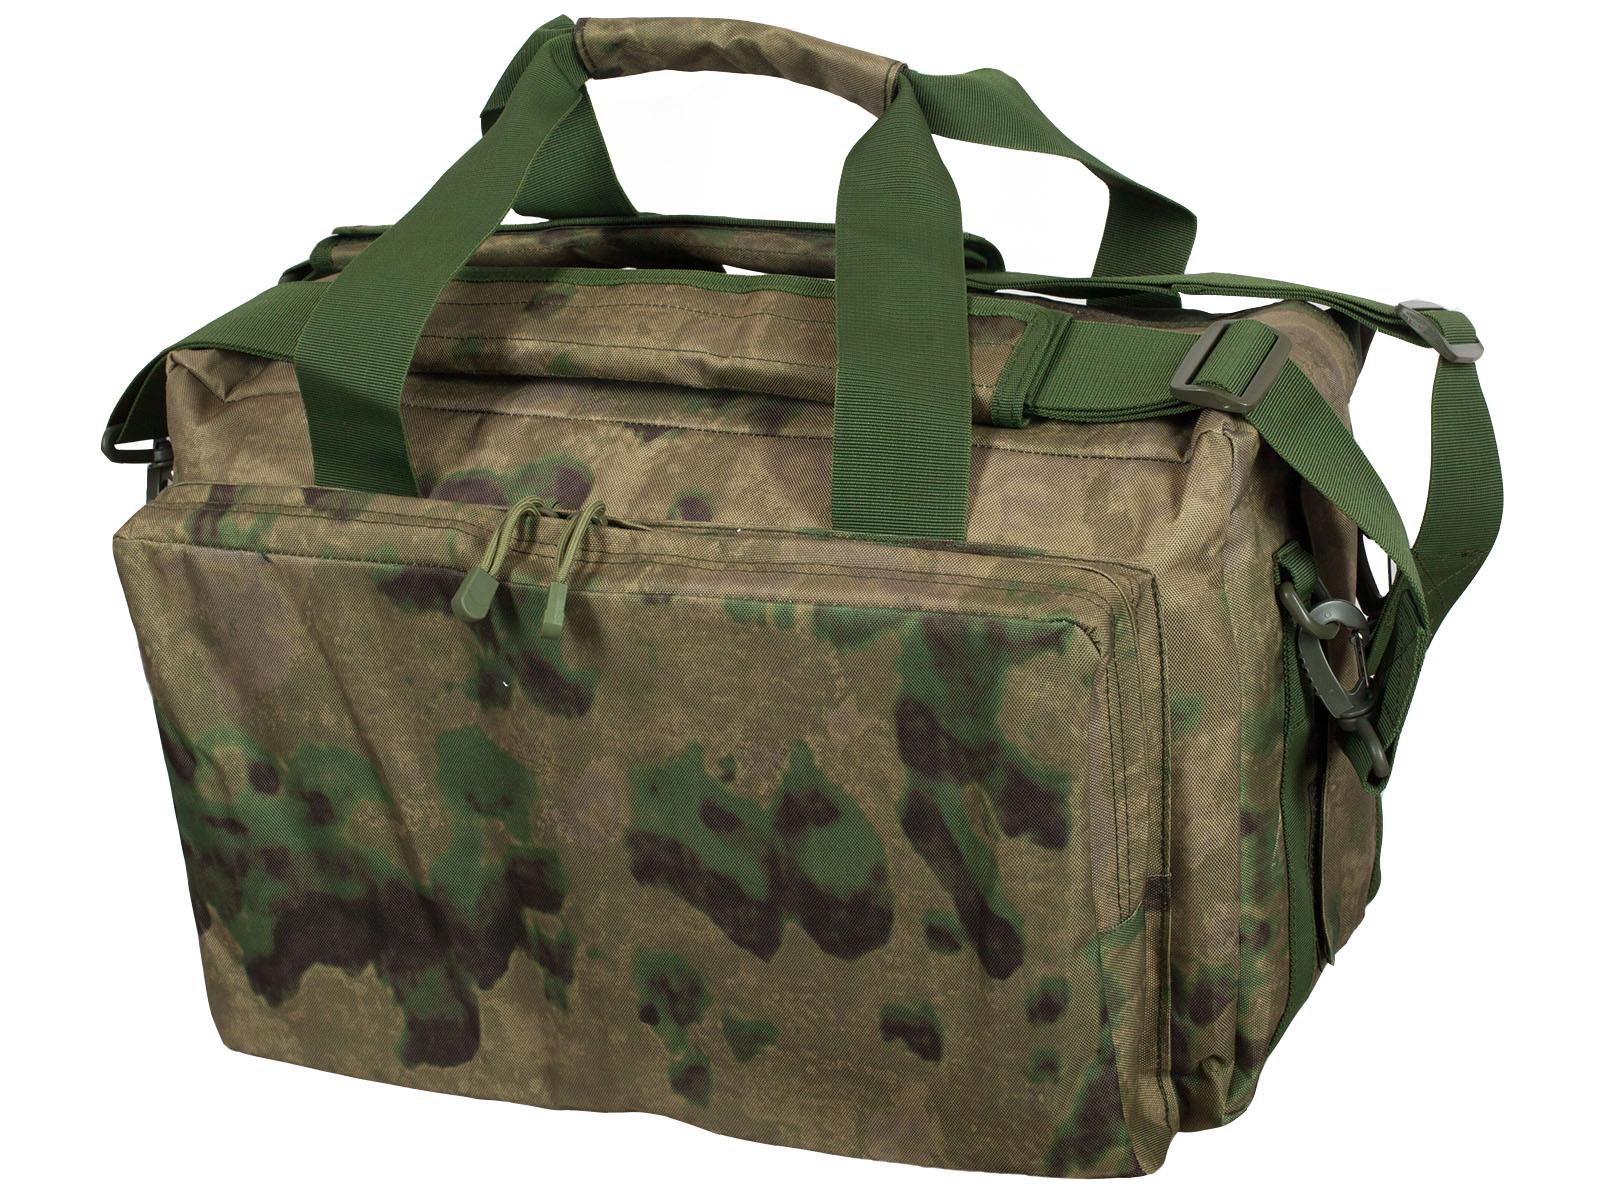 Дорожная камуфляжная сумка с символикой РХБЗ заказать самовывозом